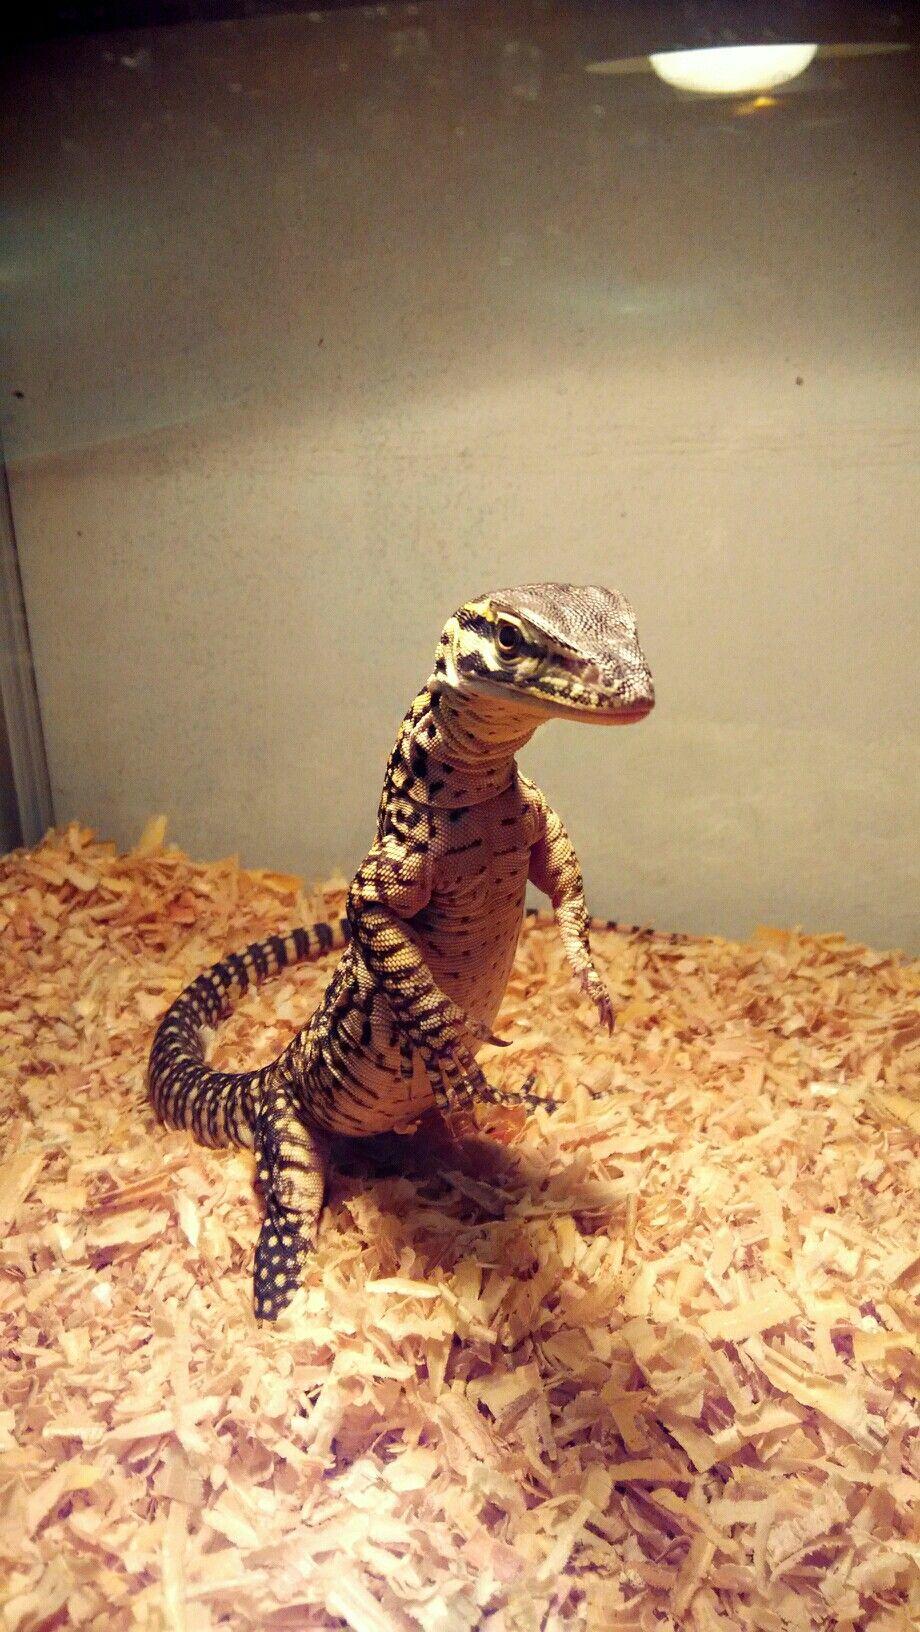 tripod argus monitor / varanus panoptes horni | Pet lizards, Cute reptiles,  Reptiles pet